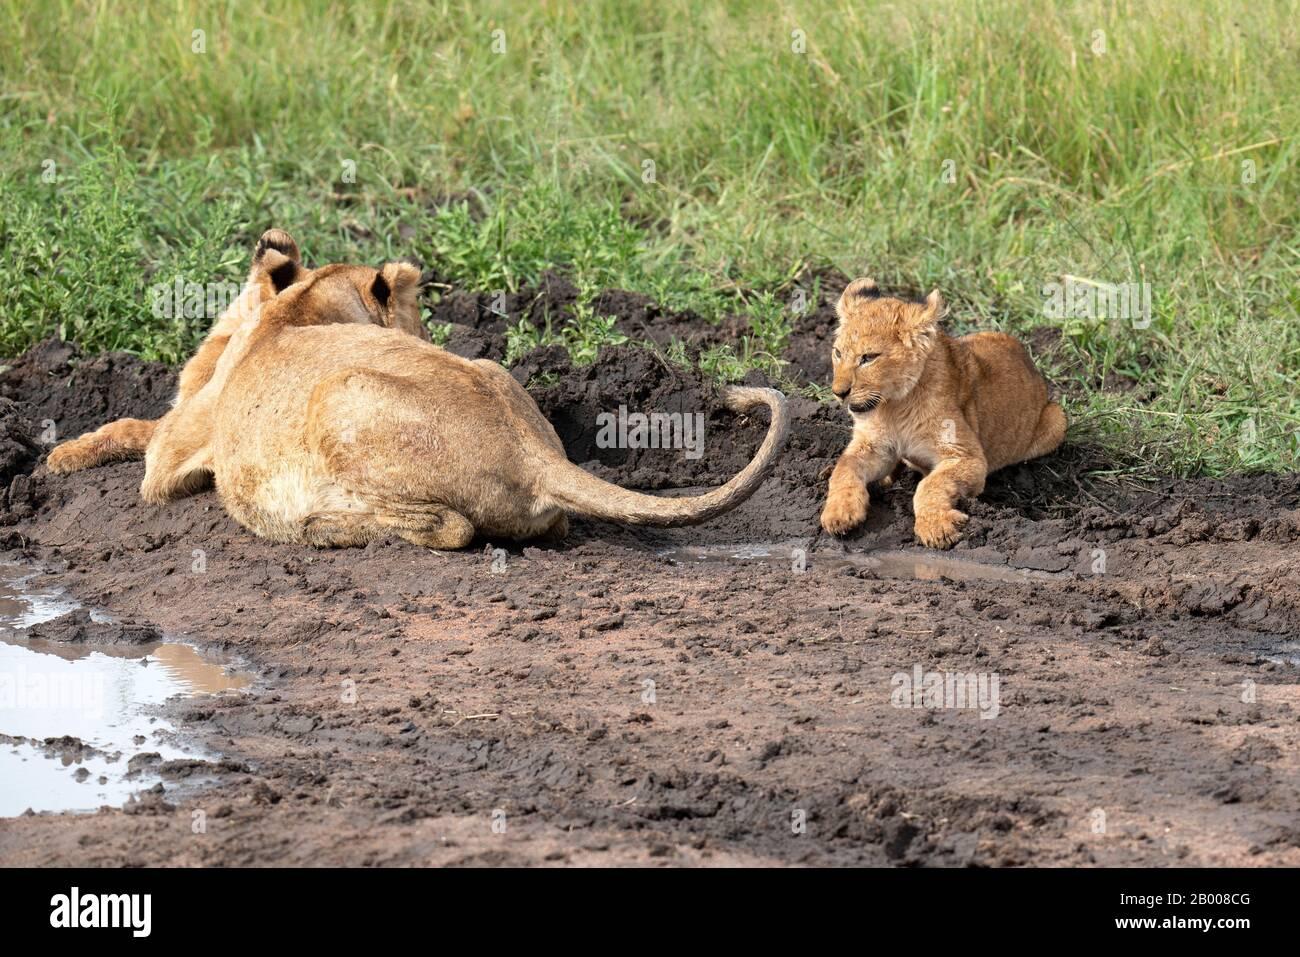 Cheeky Lion cub giocare con la coda della mamma Foto Stock